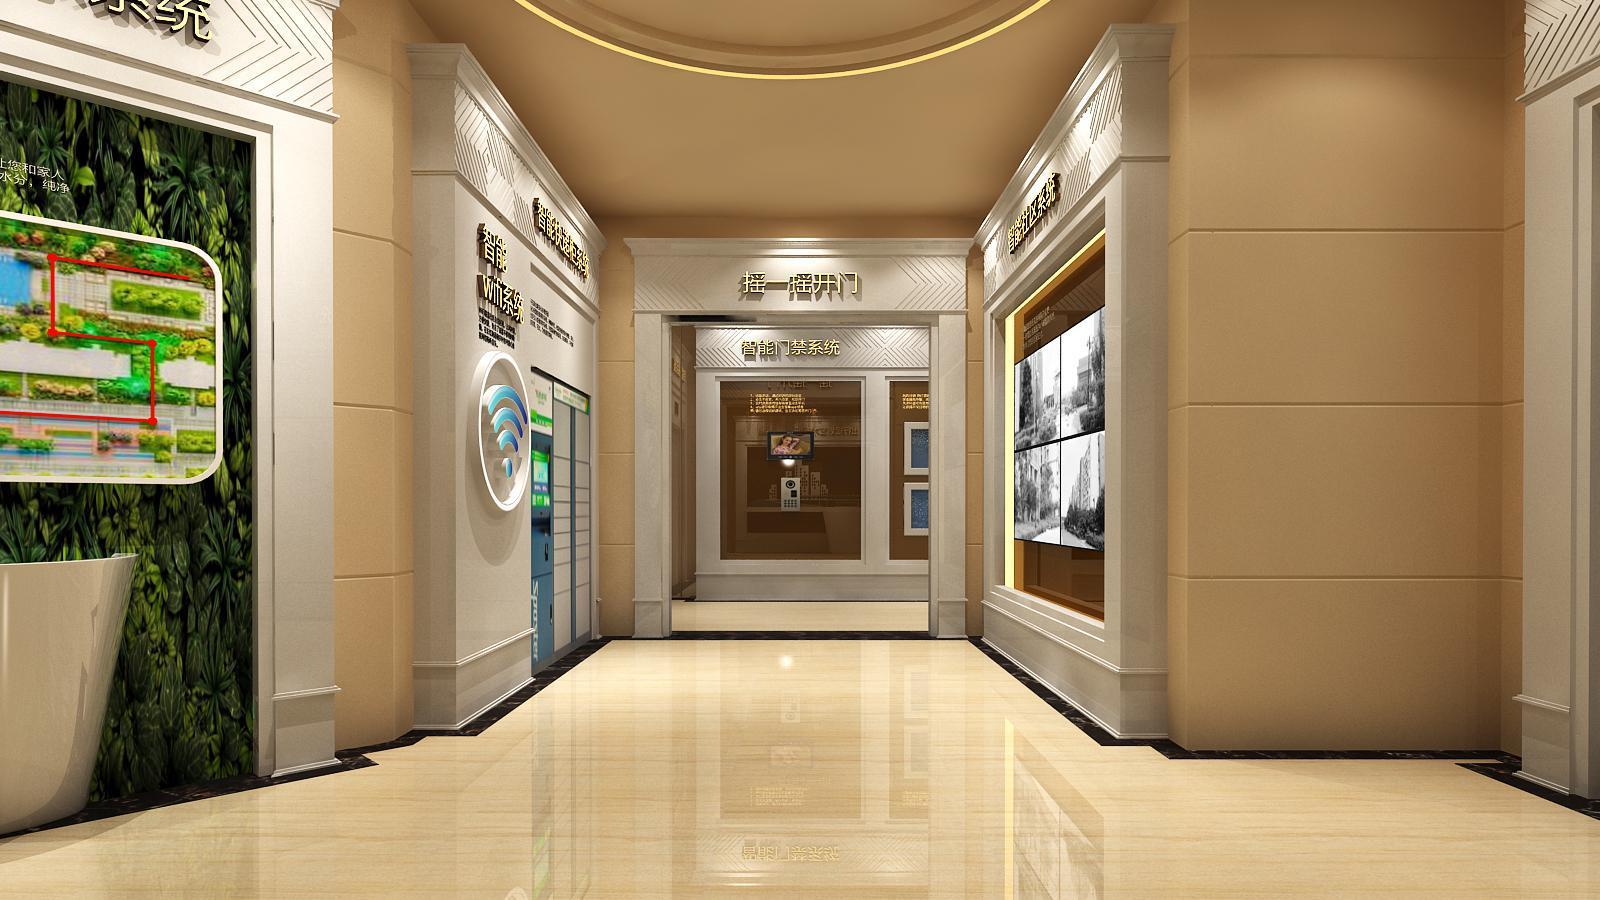 碧桂园新城体验馆设计方案之墙面造型设计4